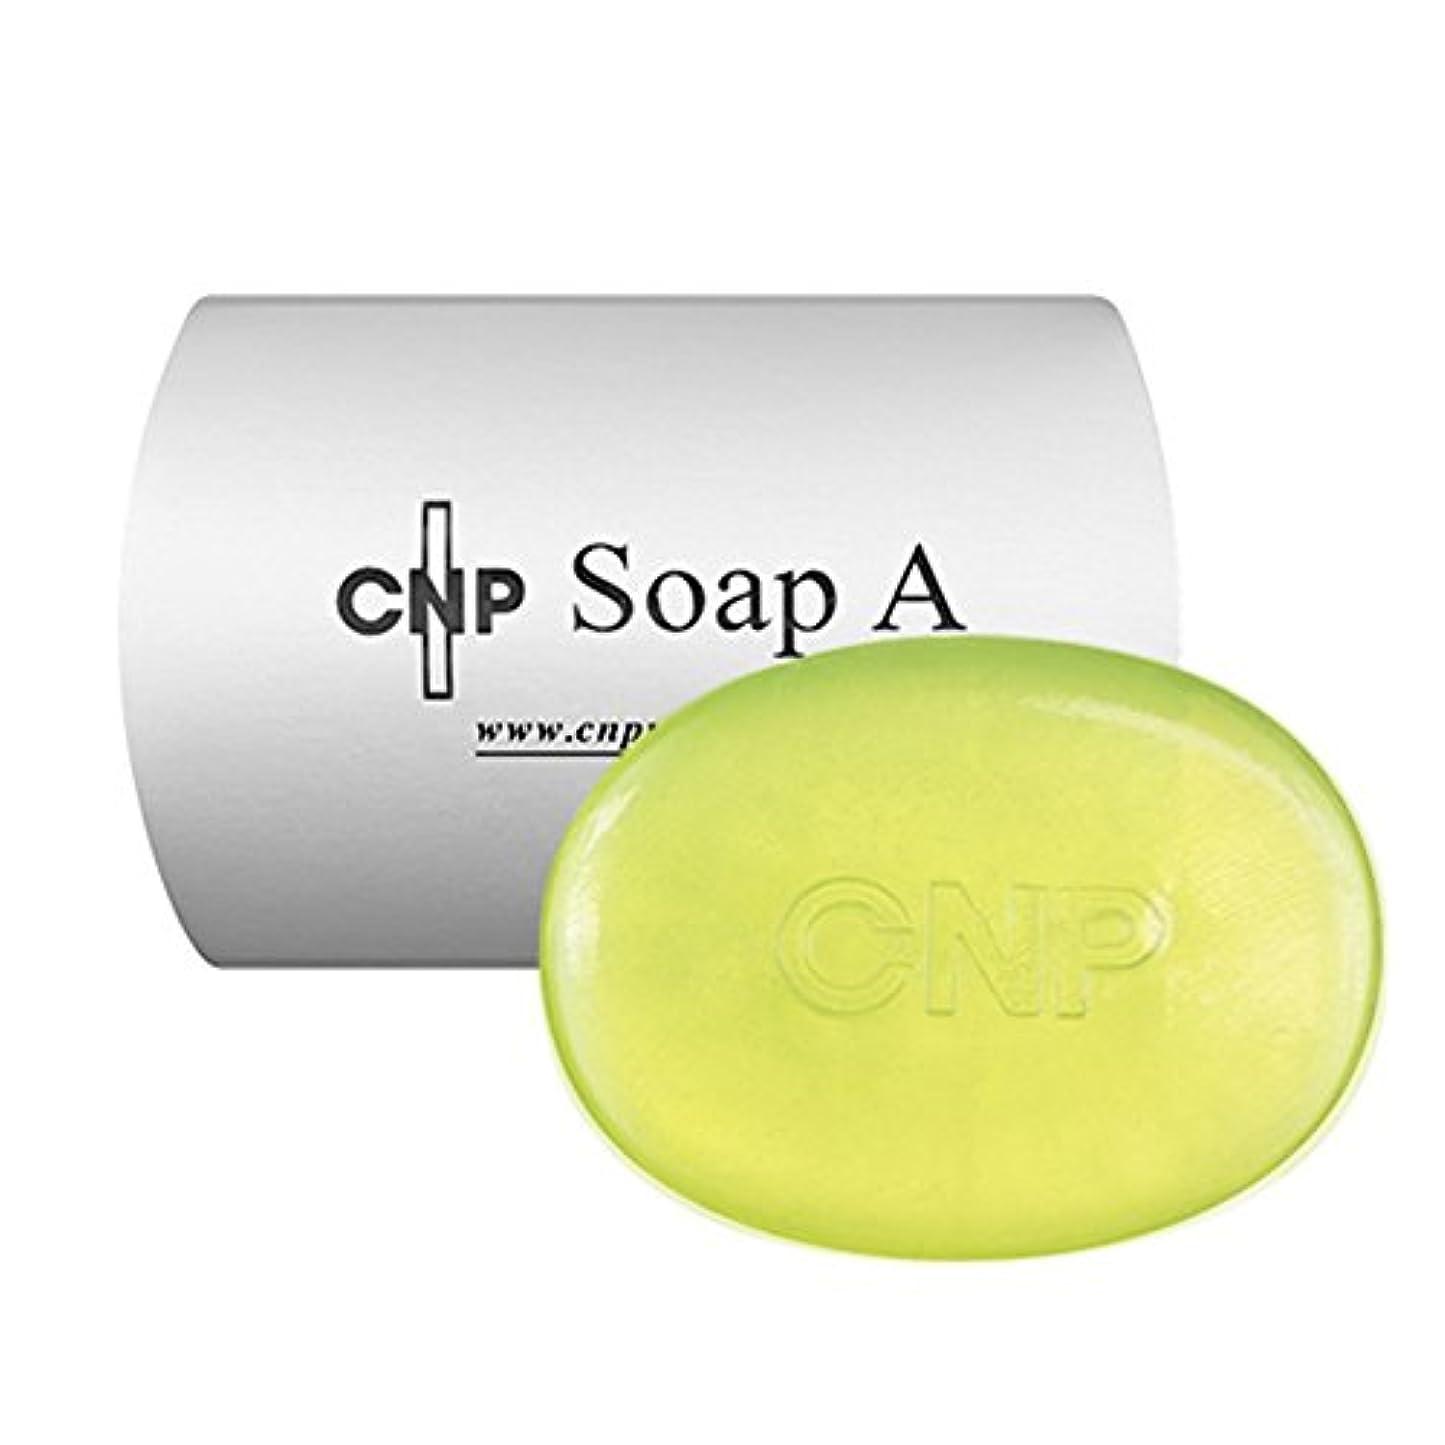 ワイン鋸歯状式CNP Soap A チャアンドパク ソープ A [並行輸入品]